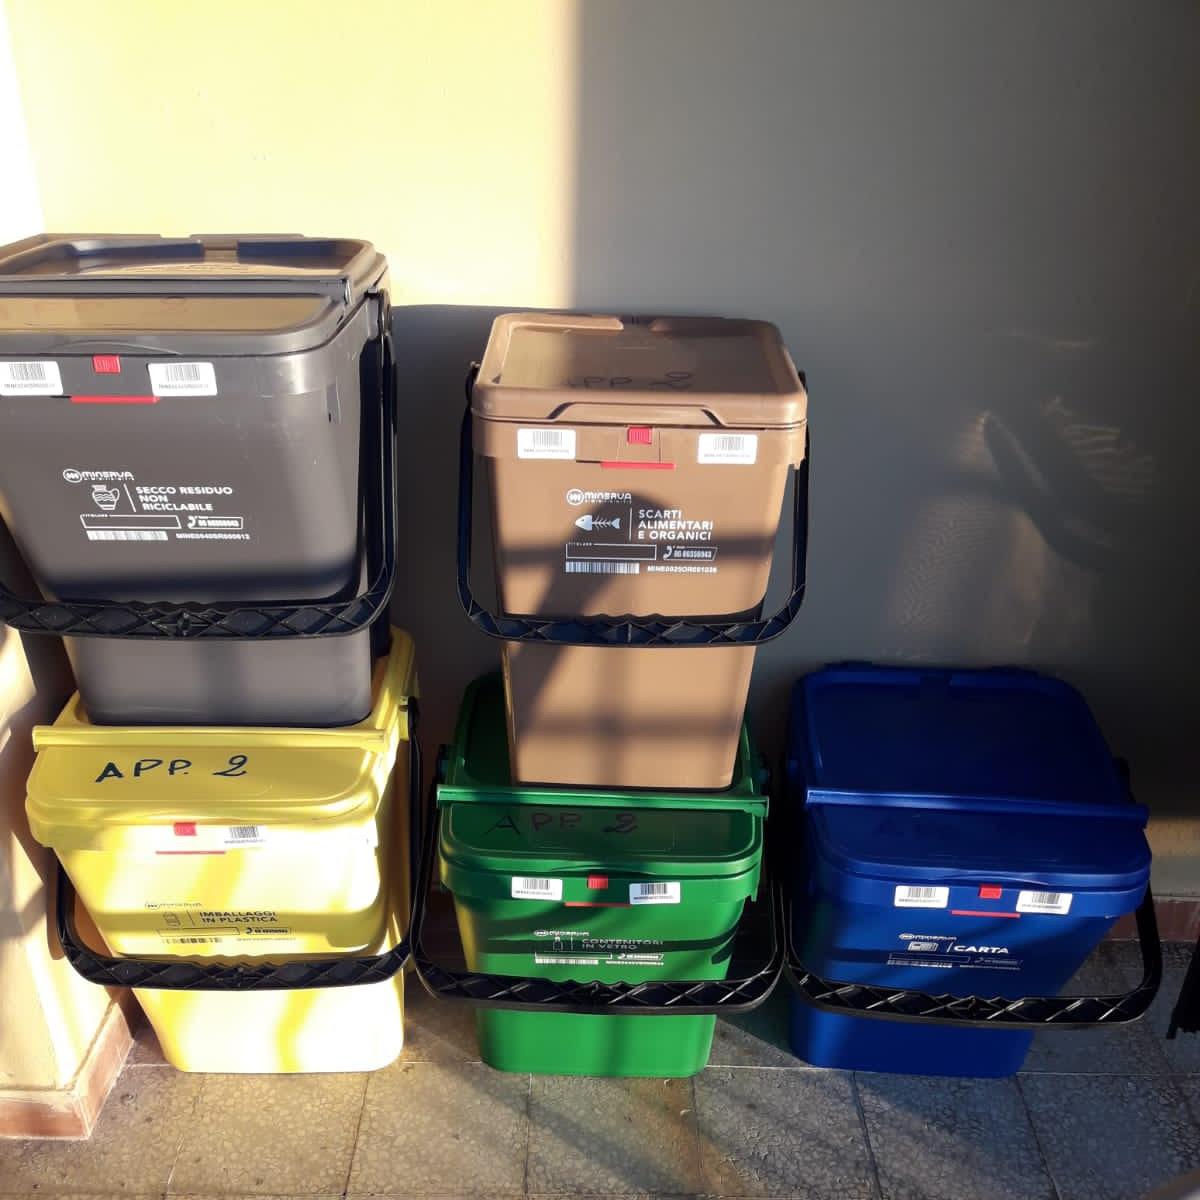 Affaldsspande til nyt affaldssystem